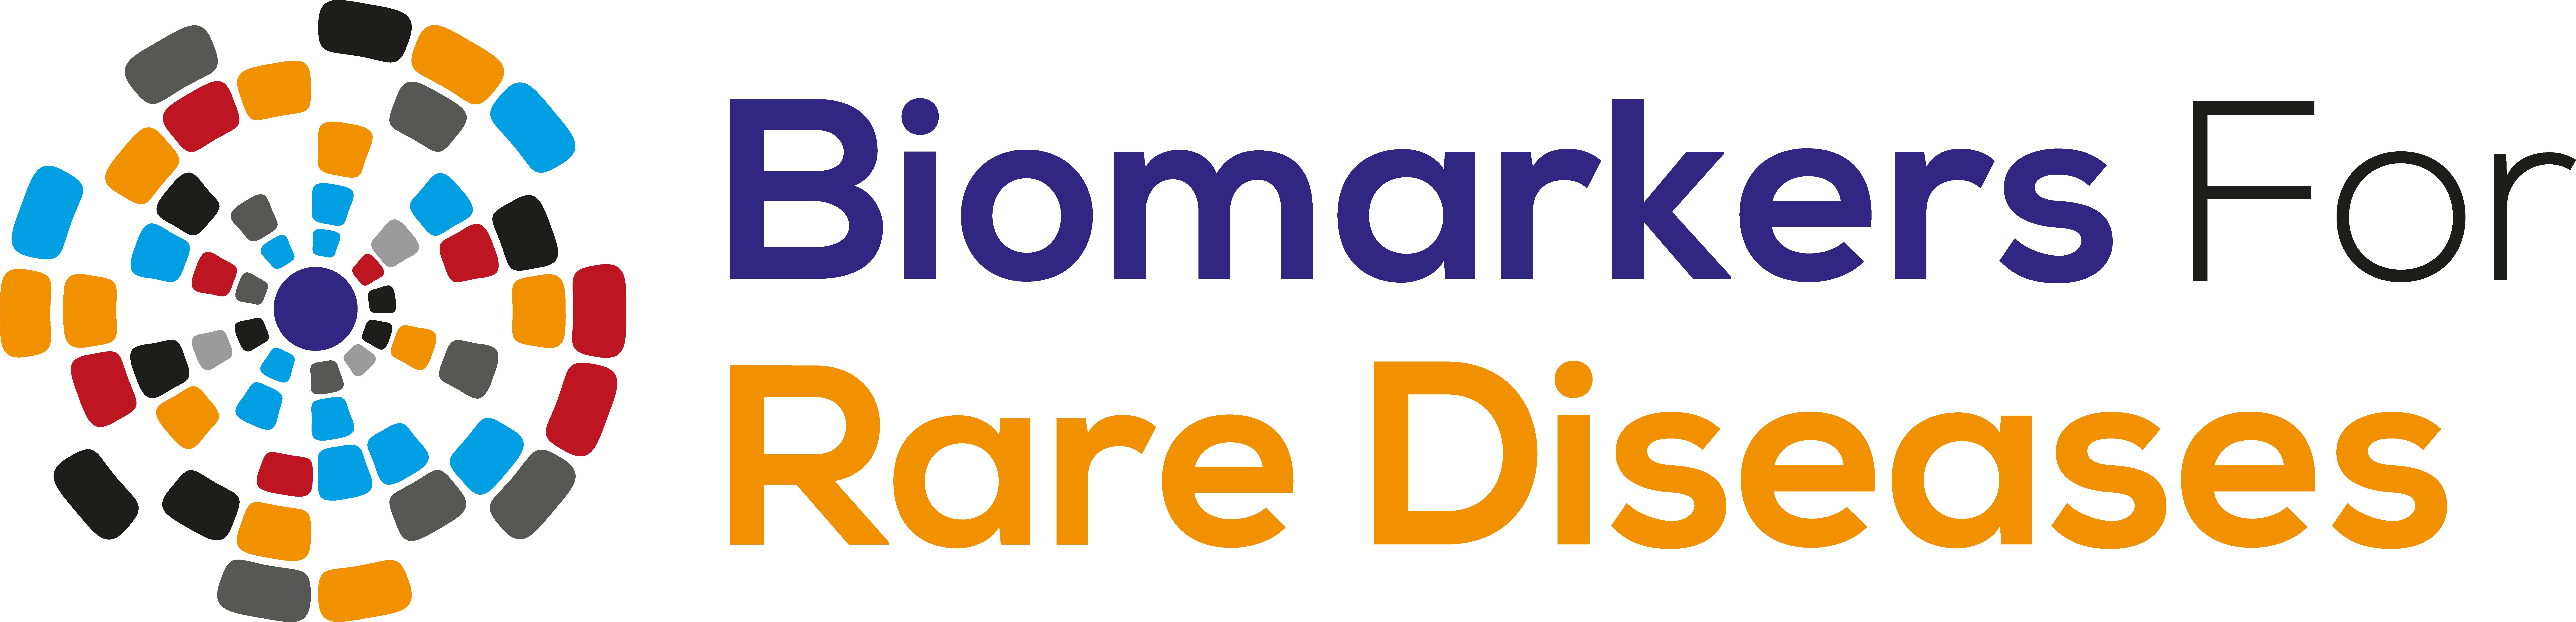 HW210607 Biomarkers for Rare Diseases logo (002)